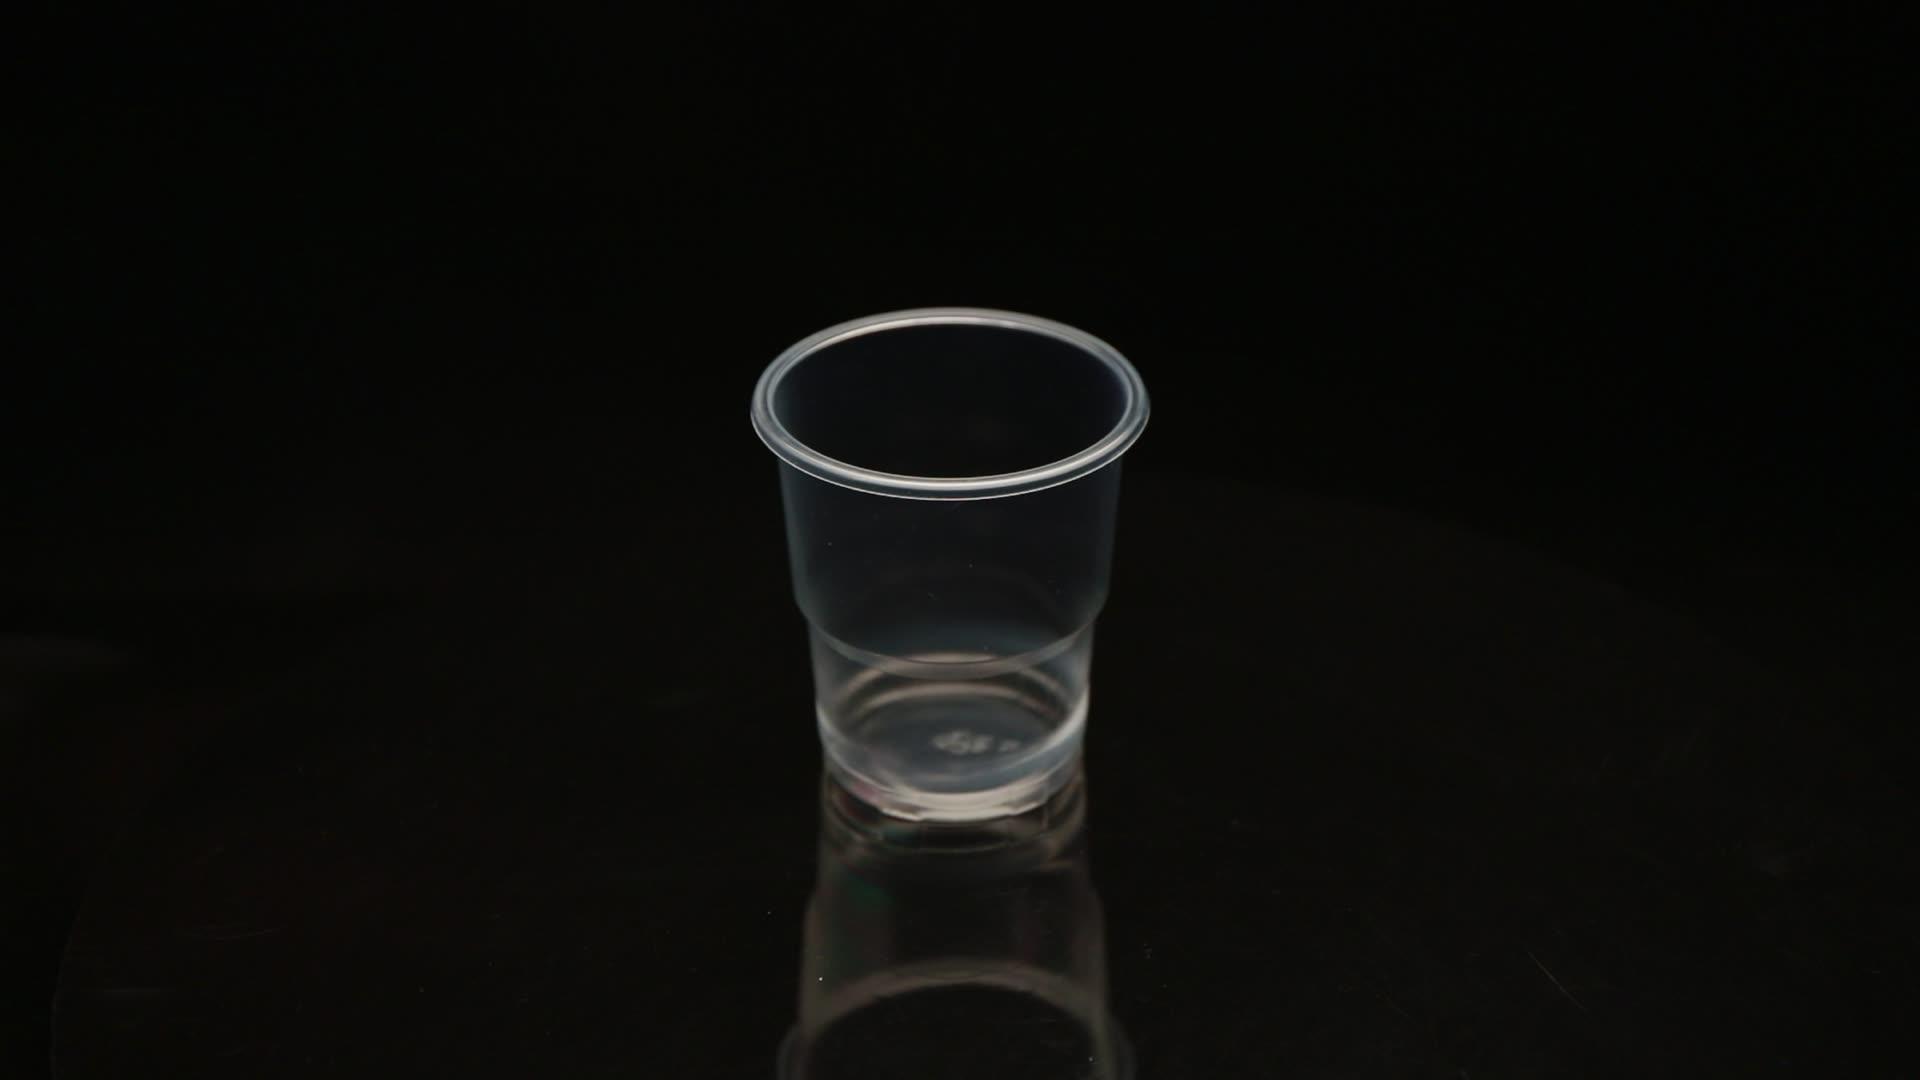 Emülsiyon tipi katyonik dispersiyon Rosin boyutlandırma maddesi kağıt endüstrisi için katyonik dispersiyon Rosin boyutlandırma maddesi